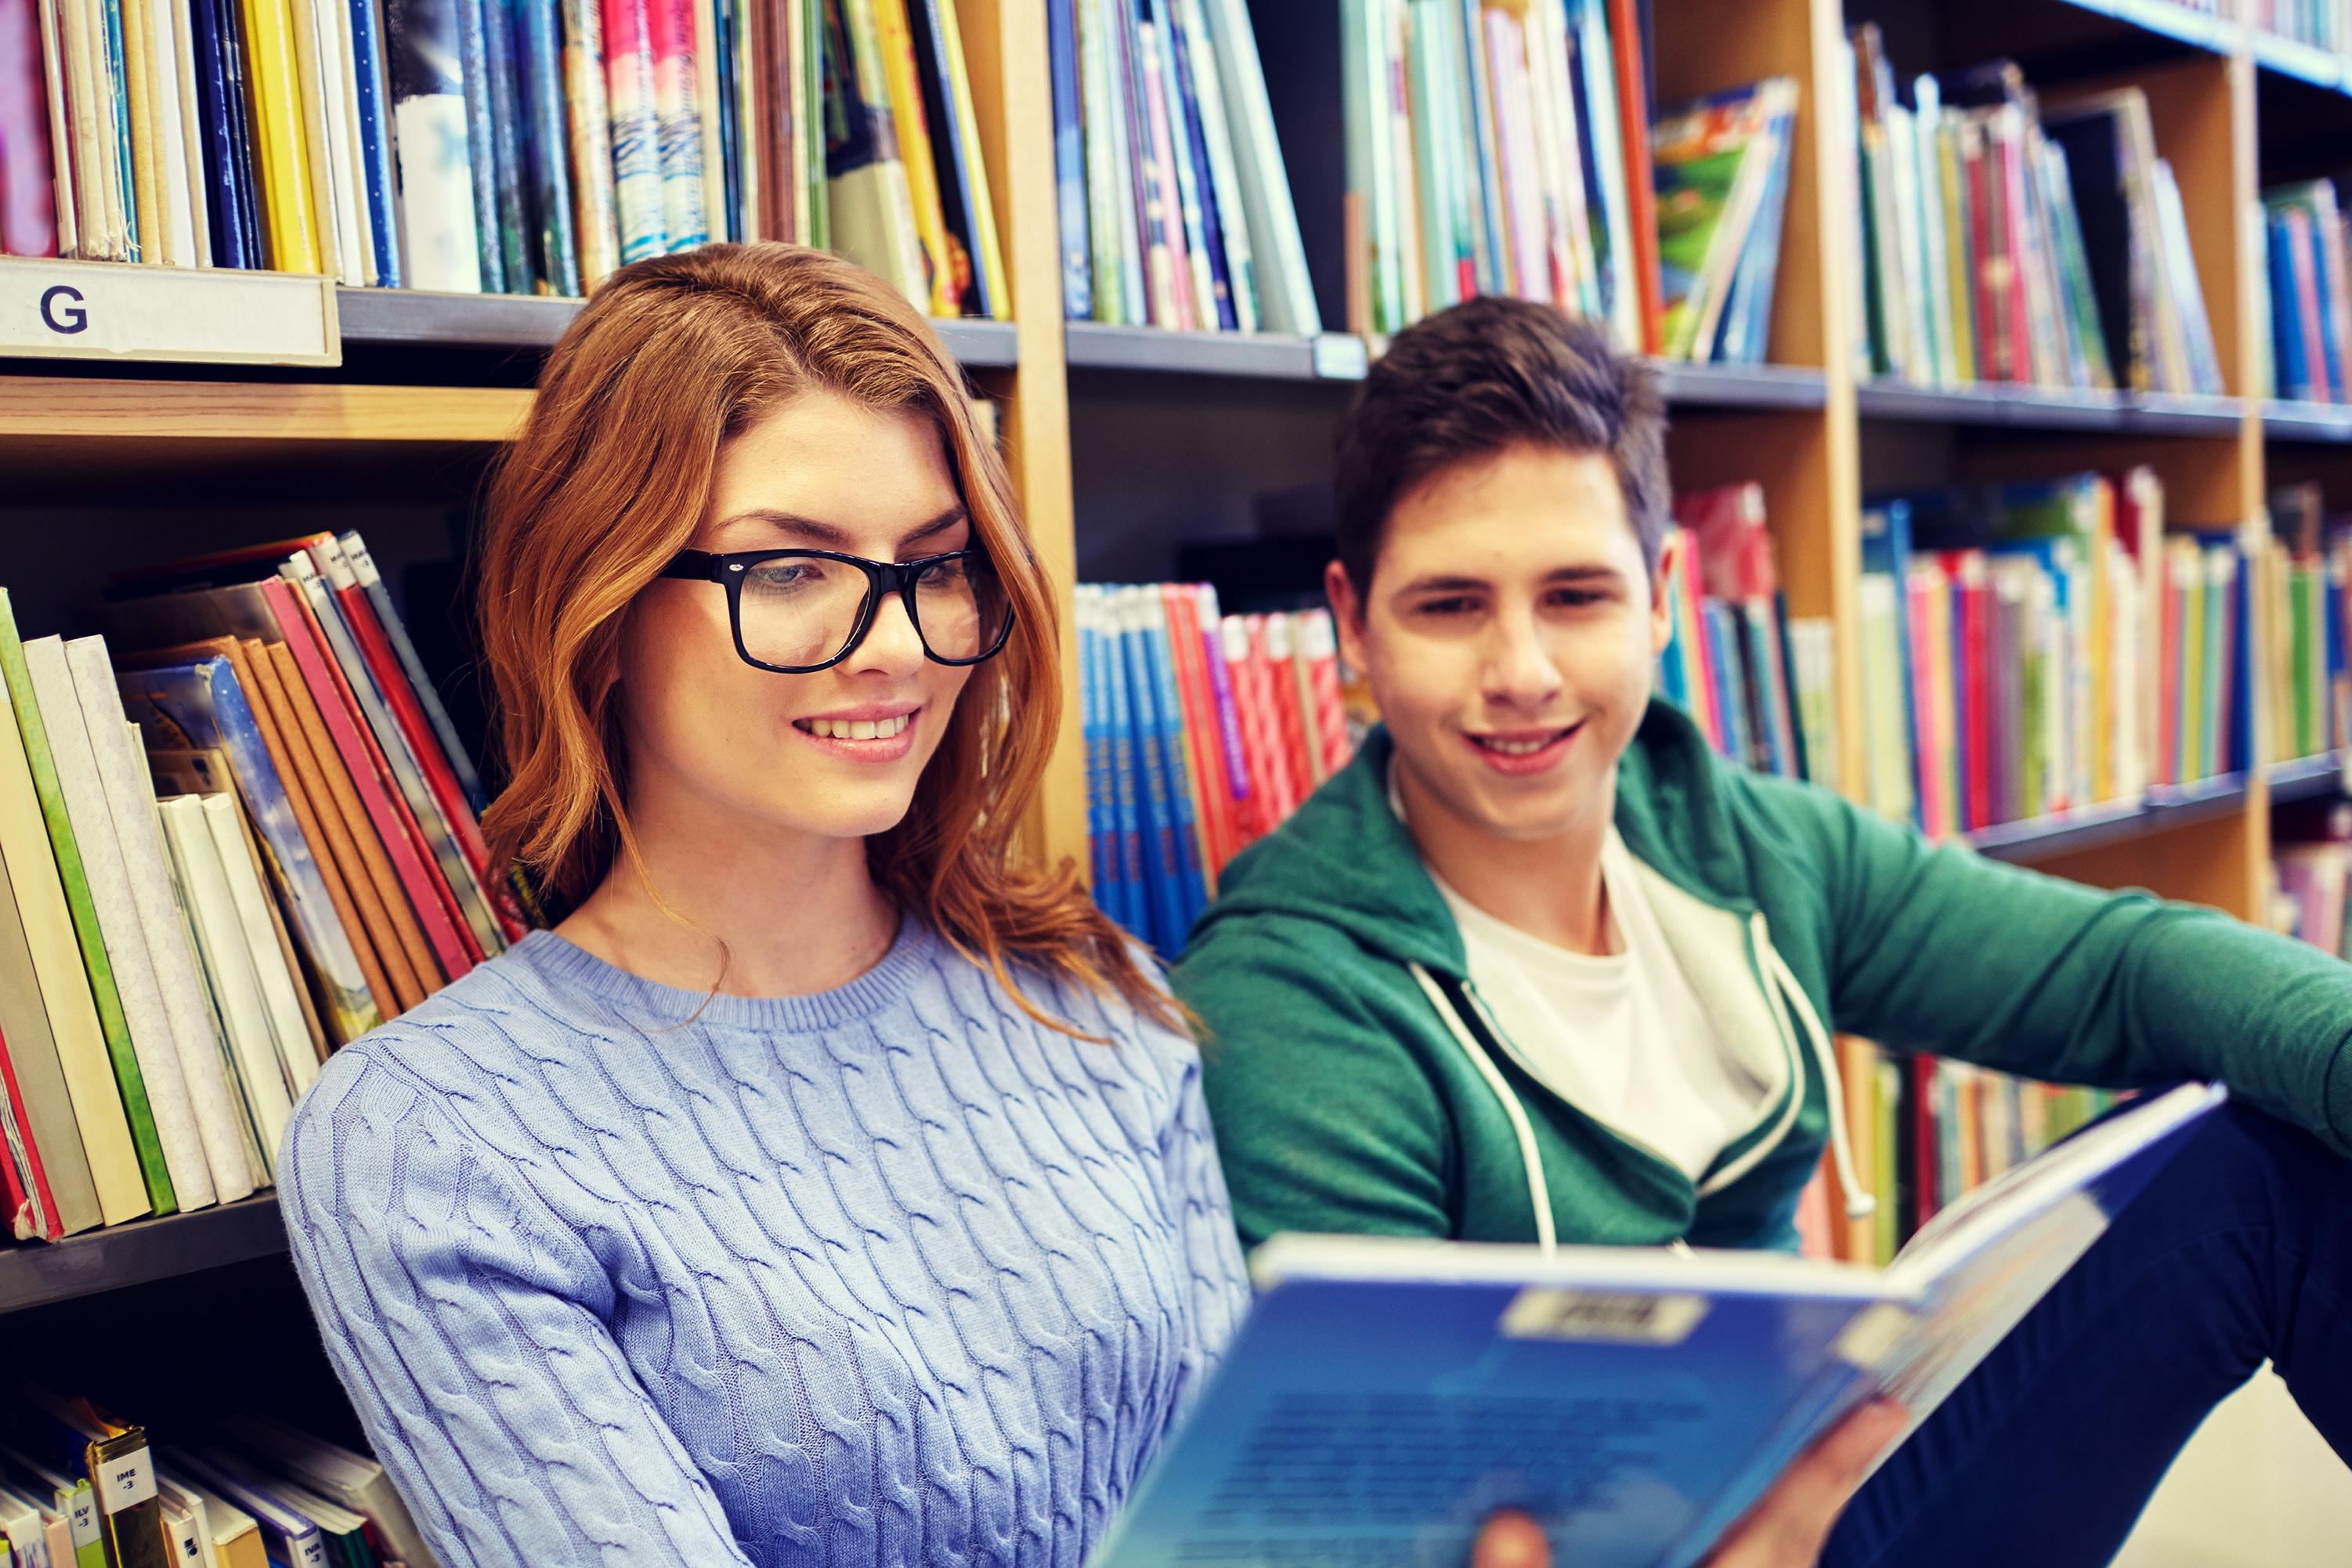 Češi jsou ve zkouškách z angličtiny v první desítce ze 130 zemí